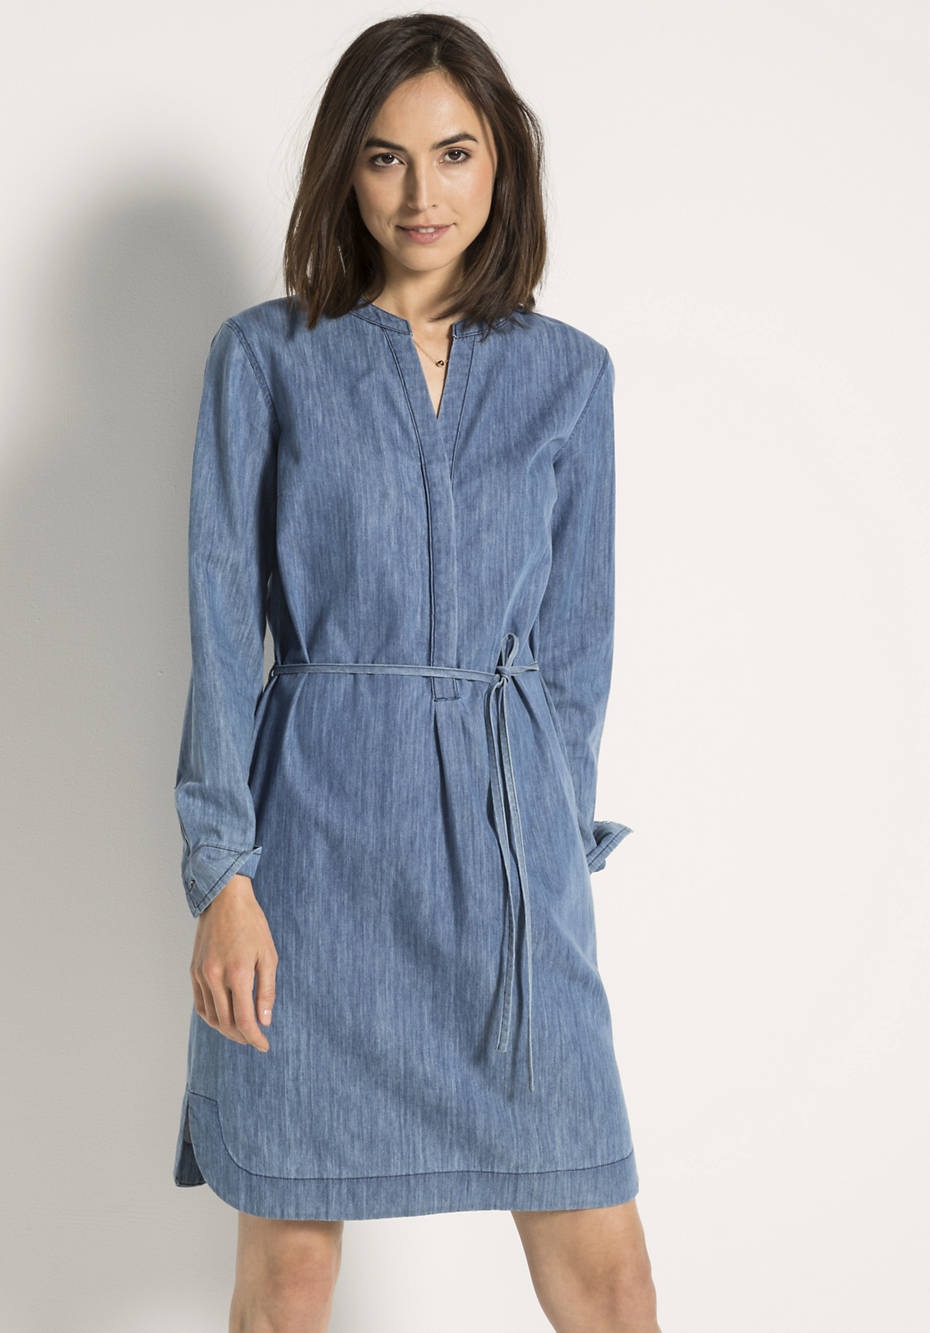 Jeanskleid aus reiner Bio-Baumwolle